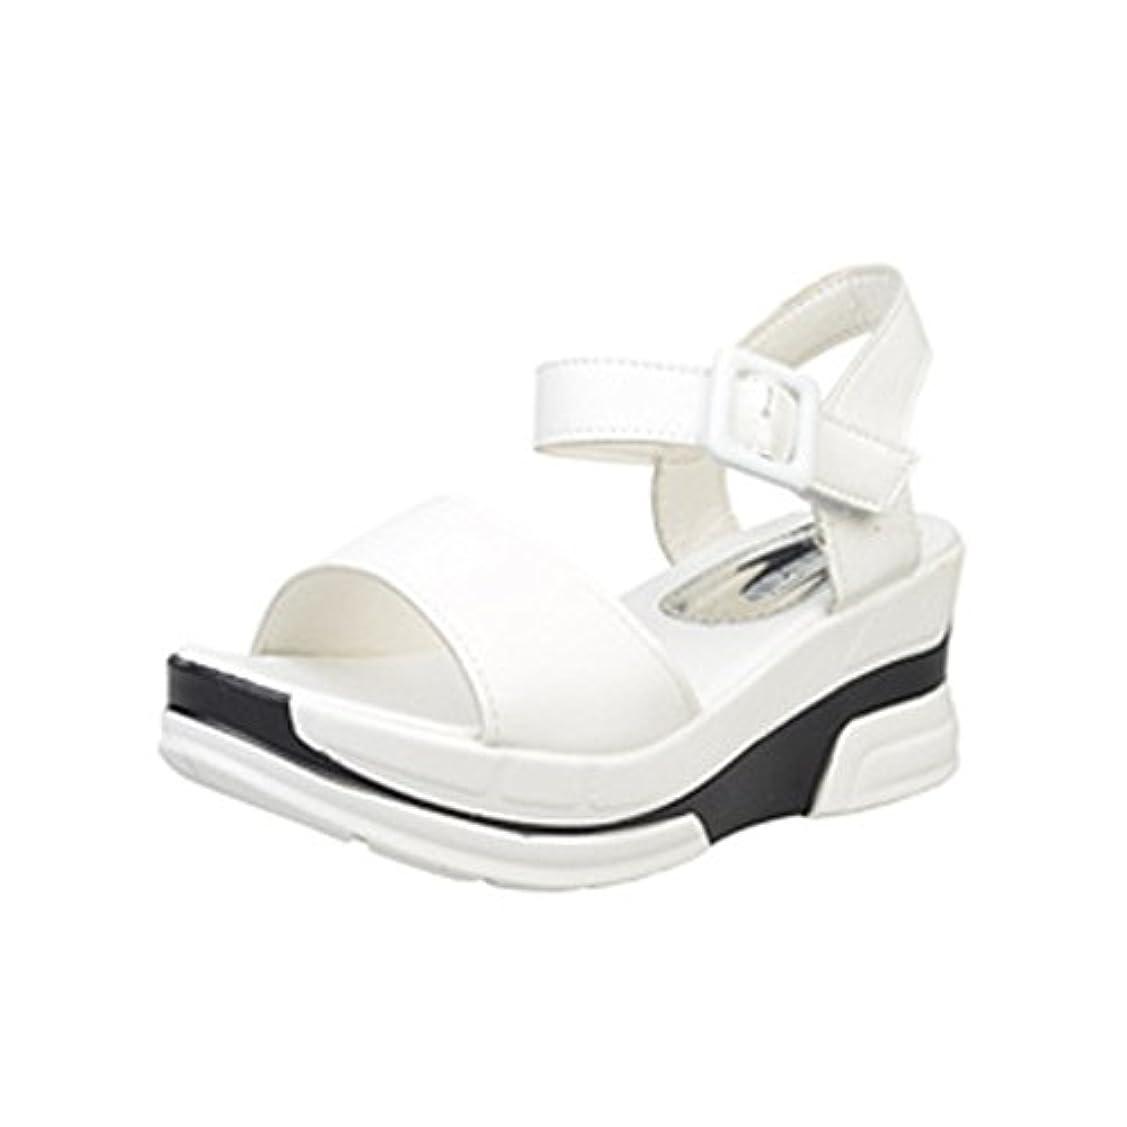 犯す増幅するコンチネンタル[シューズ Foreted] サンダル フラット アンクルストラップ 美脚 フォーマル 厚底 おしゃれ 夏 歩きやすい コンフォート ウェッジソール ぺたんこ靴 可愛い